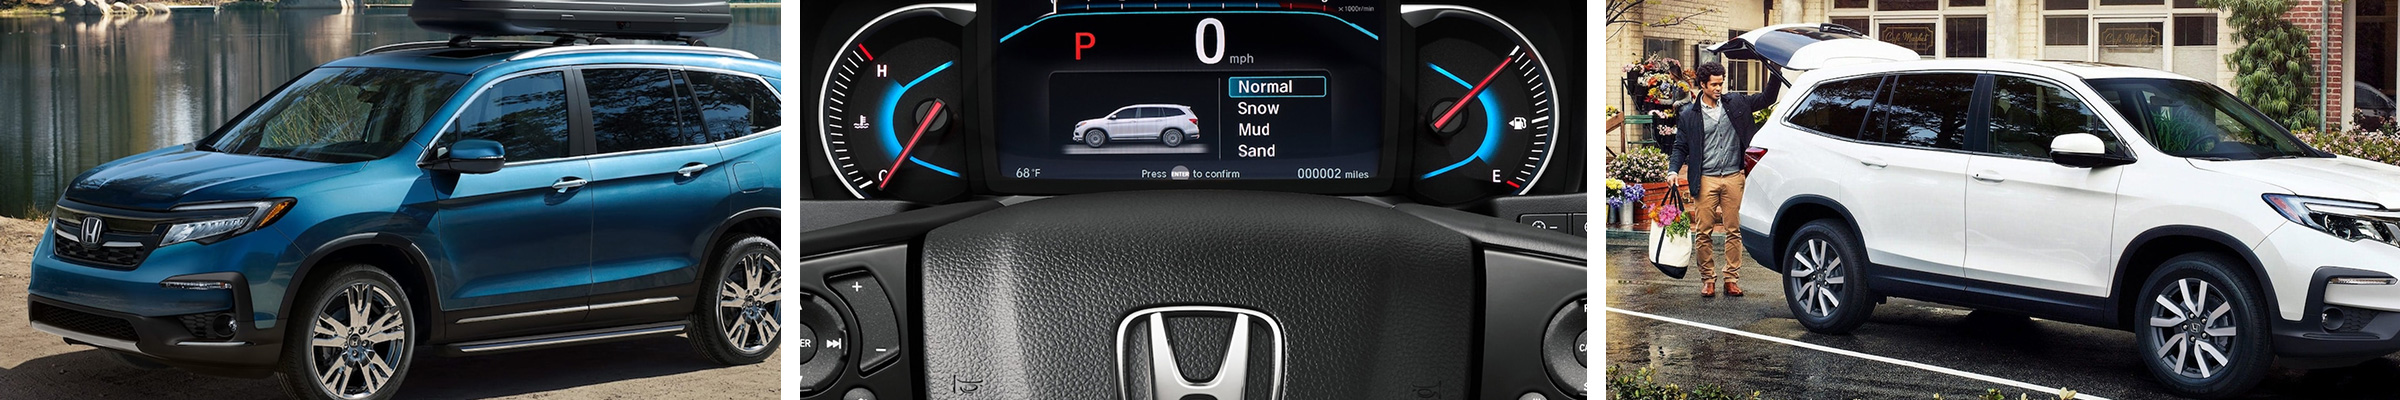 2021 Honda Pilot For Sale Dearborn MI   Detroit